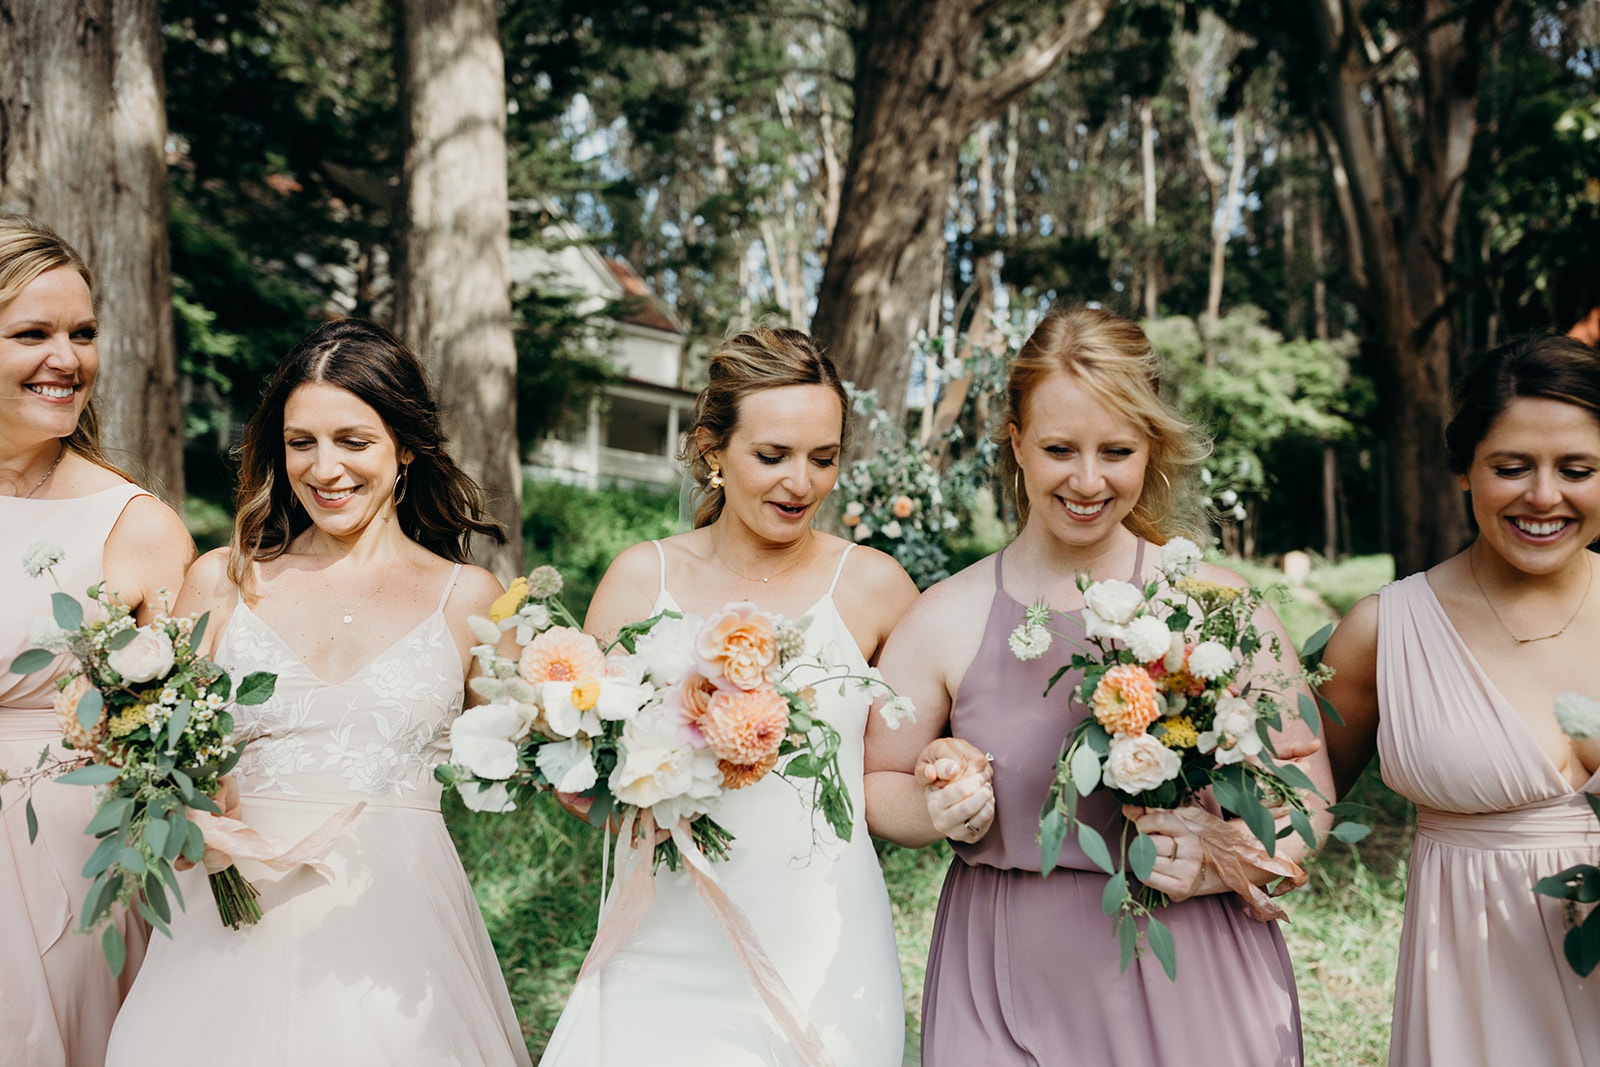 Whitney-Lauren-Headlands-Center-for-The-Arts-Wedding-1018.jpg